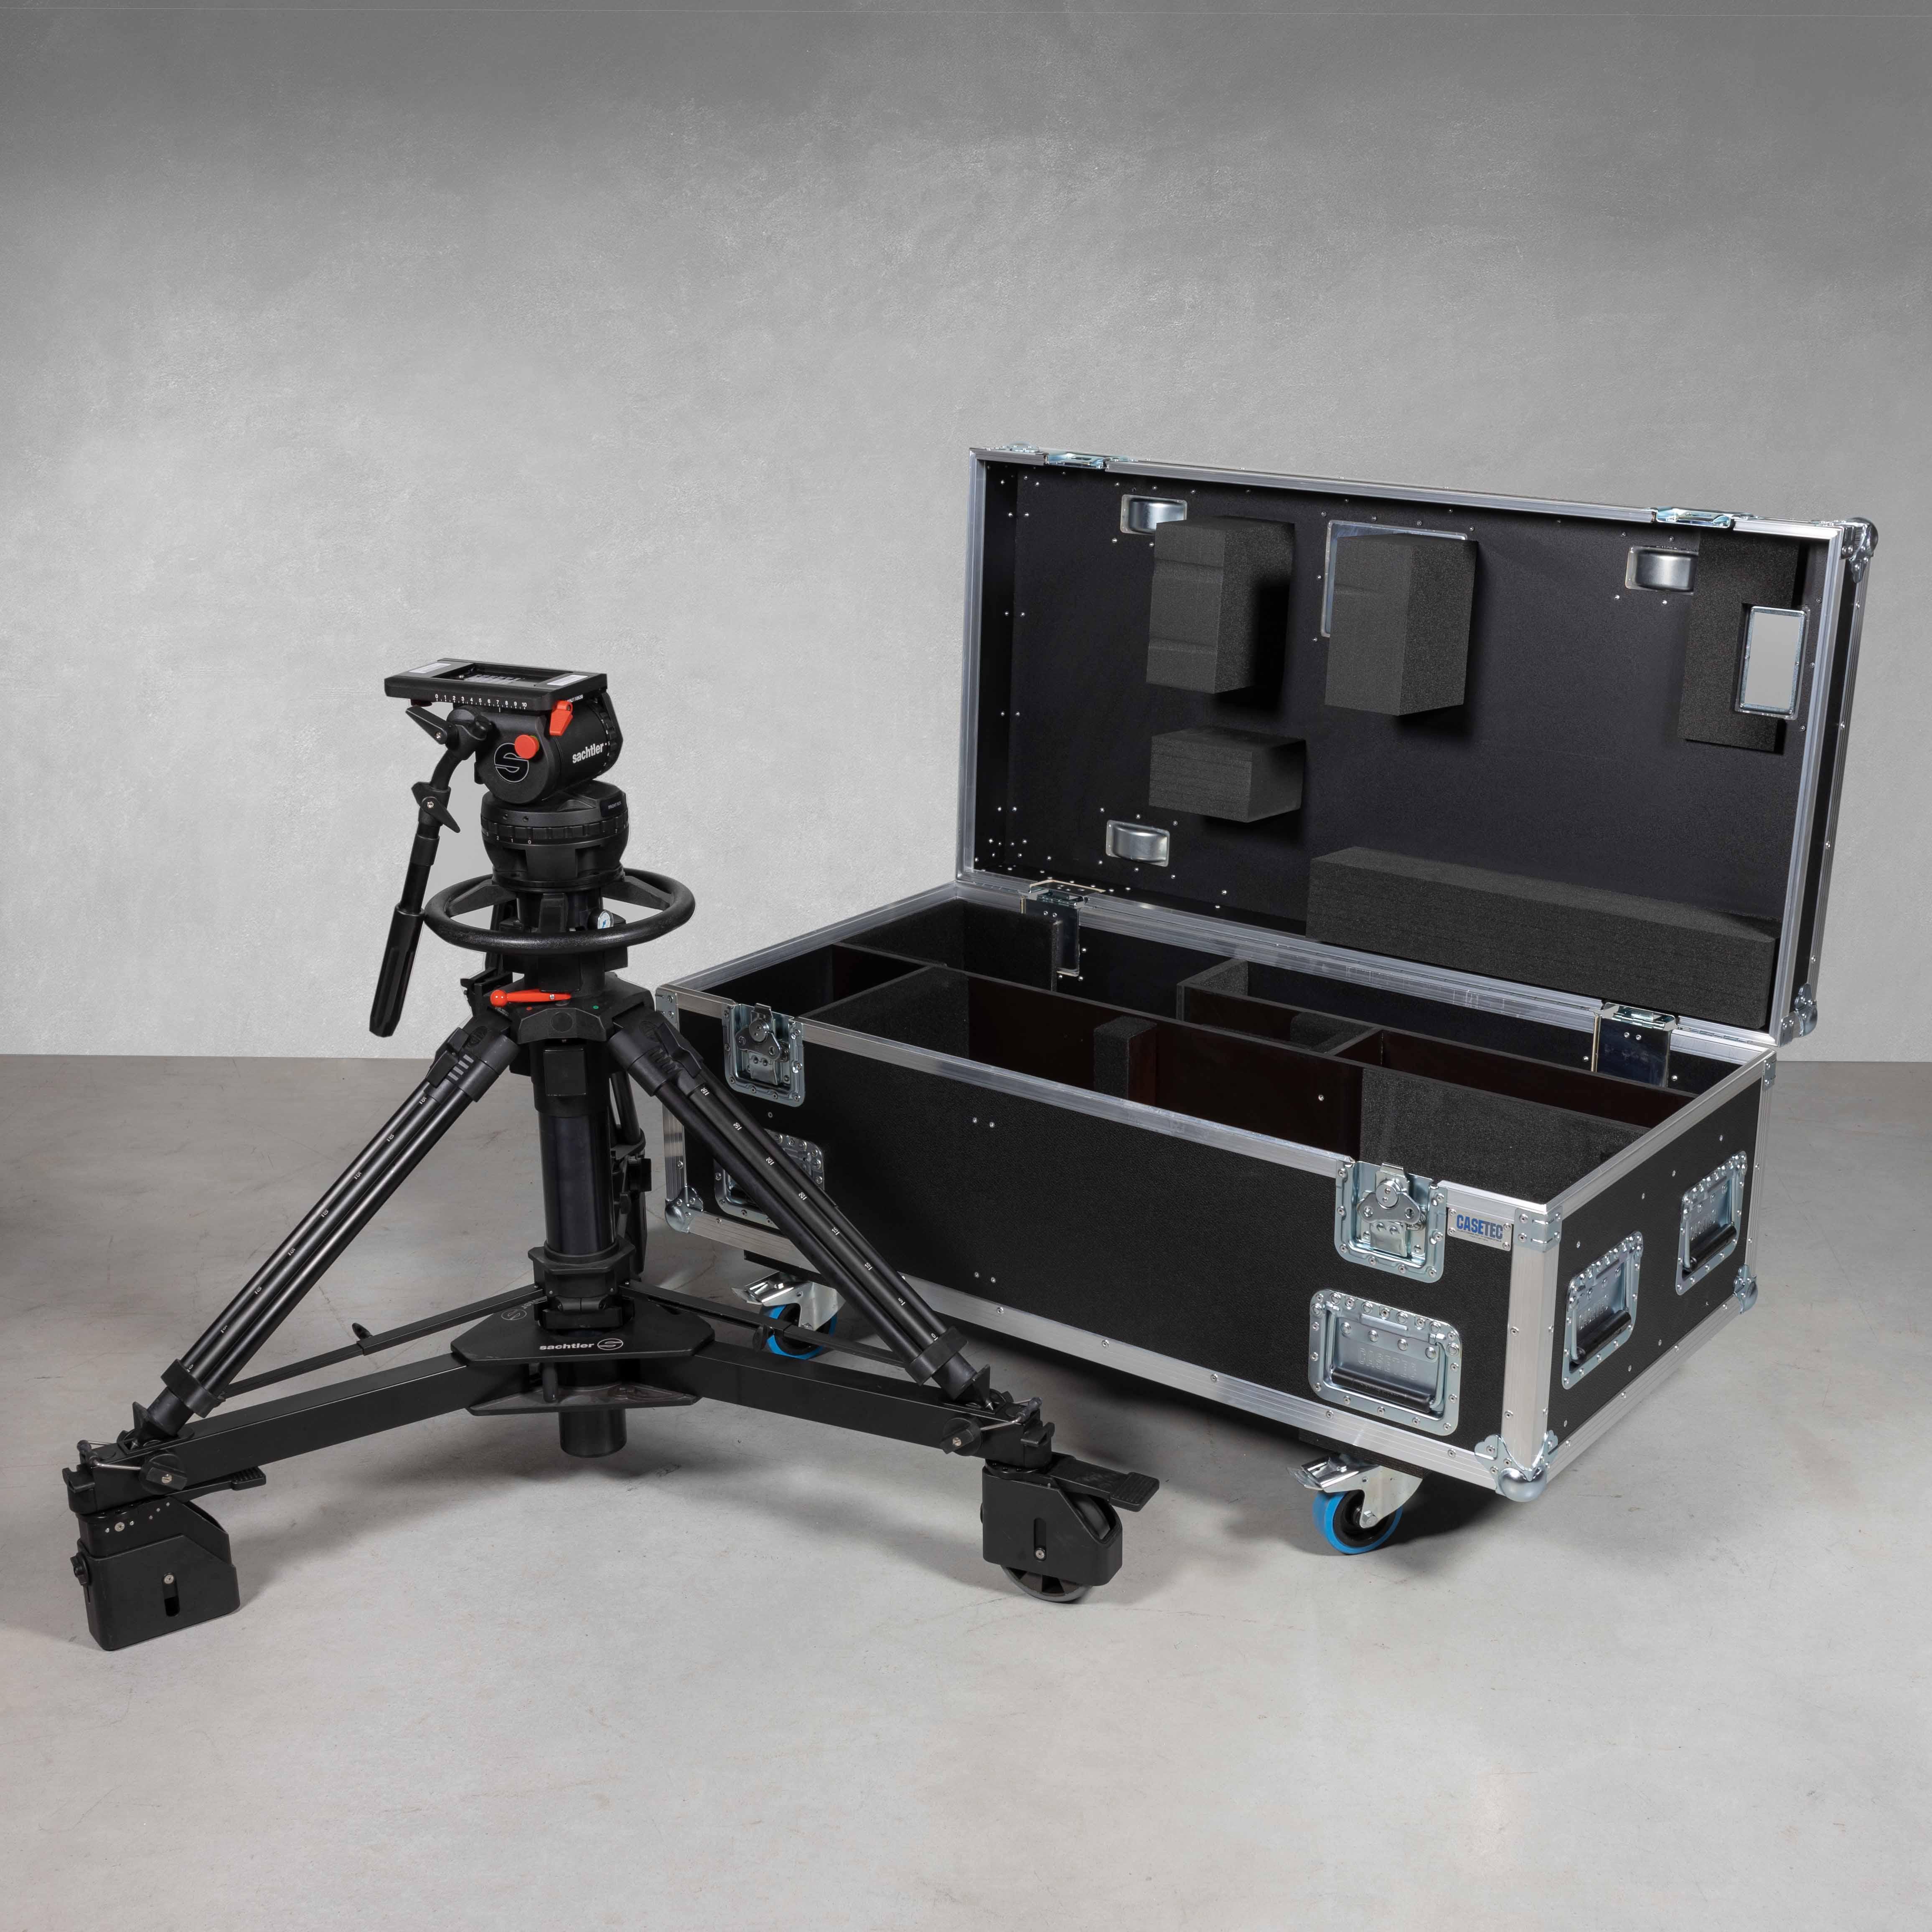 Flightcase für 1x Sachtler System 25 C III Stativ mit mont. Kopf Video 25 Plus FB + Rollspinne Sachtler Dolly XL und Pumpe